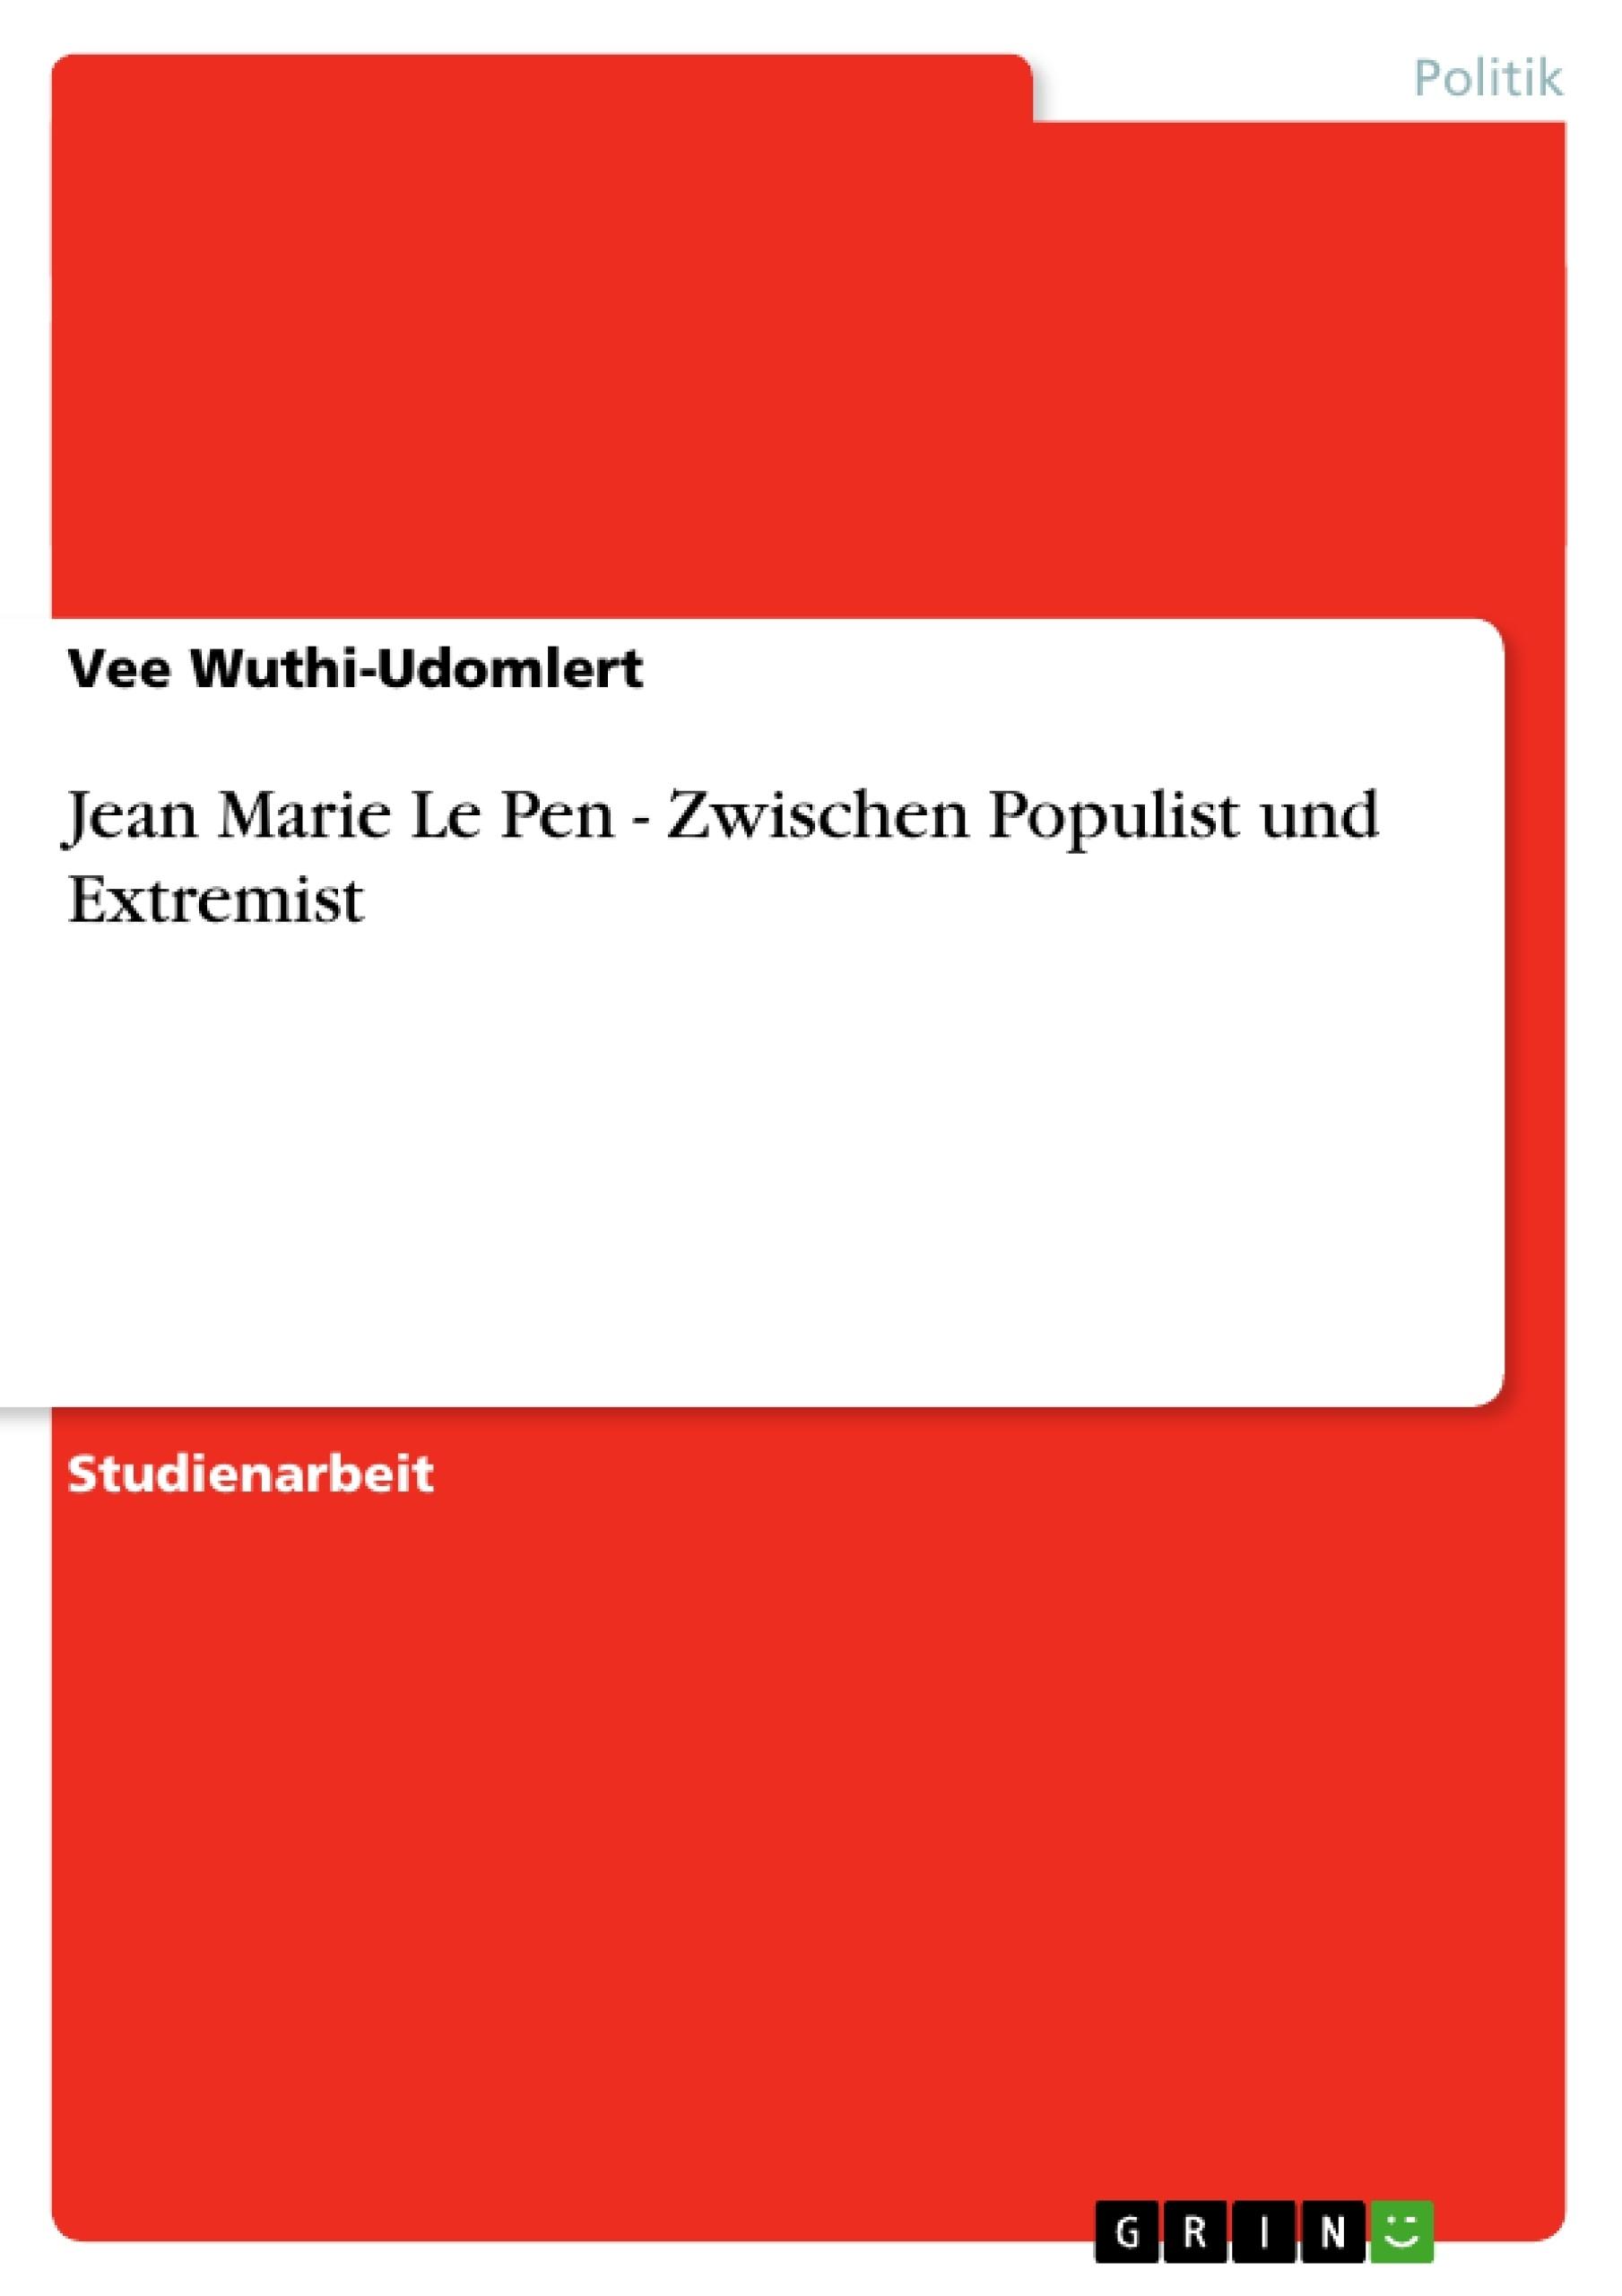 Titel: Jean Marie Le Pen - Zwischen Populist und Extremist